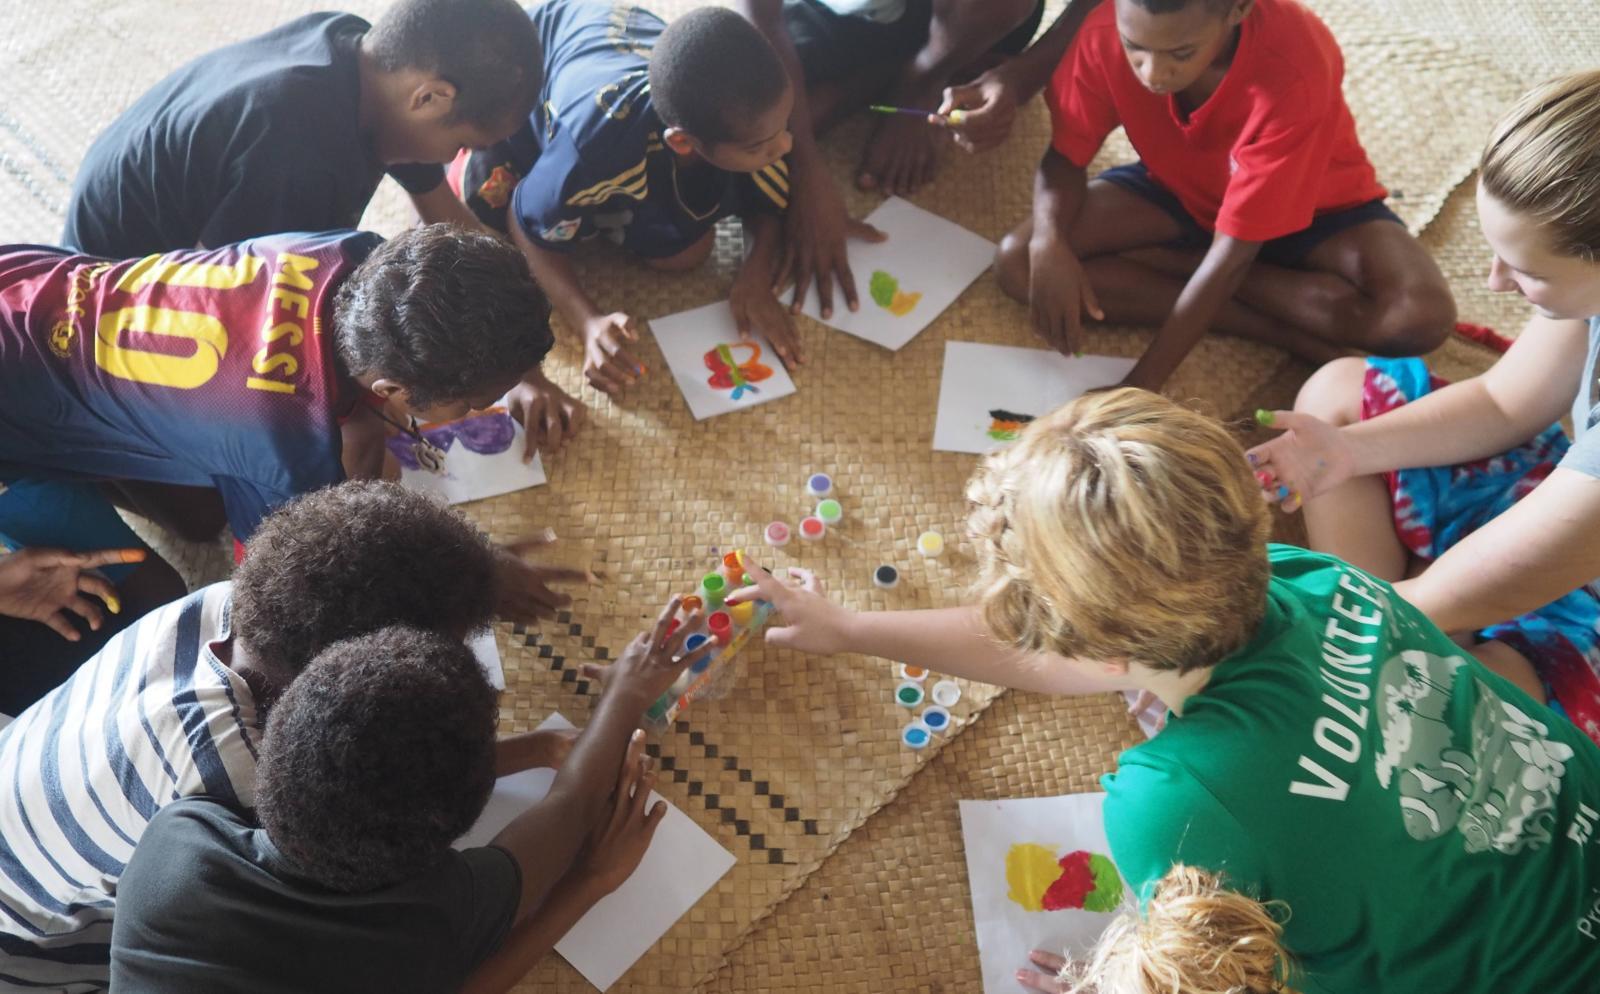 Voluntarias de Projects Abroad juegan a la pelota con niños de una guardería en lugar de un voluntariado en orfanatos